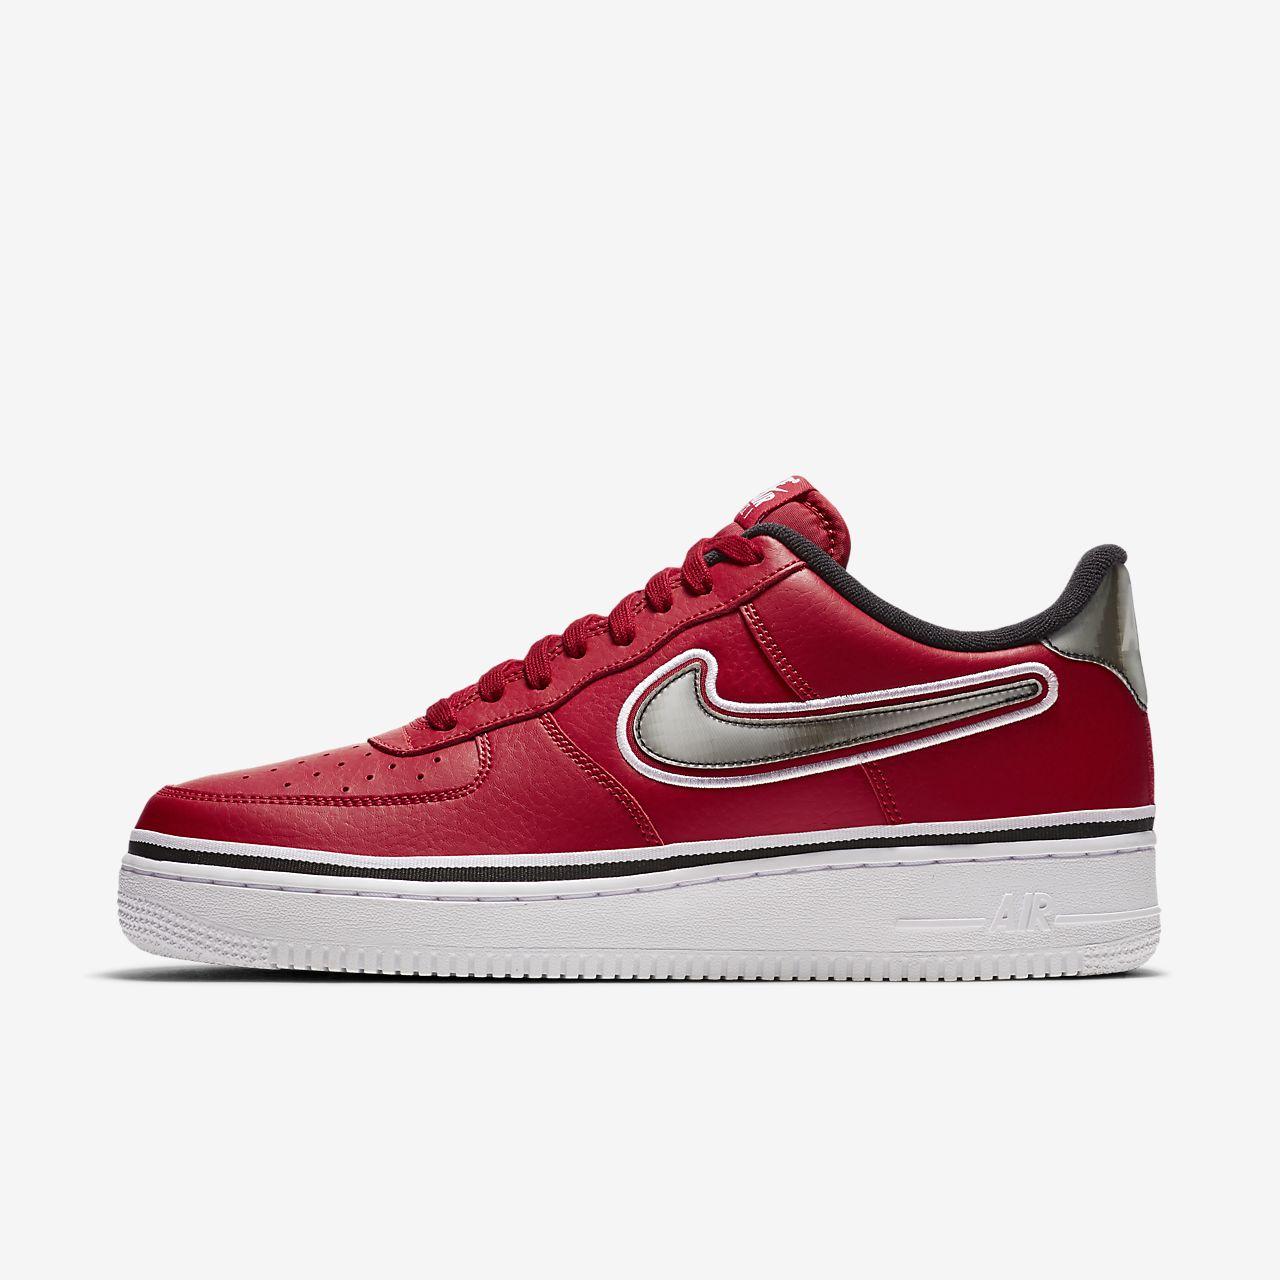 check out 1f5c3 0ef28 ... Nike Air Force 1 NBA Low (Chicago Bulls)-sko til mænd